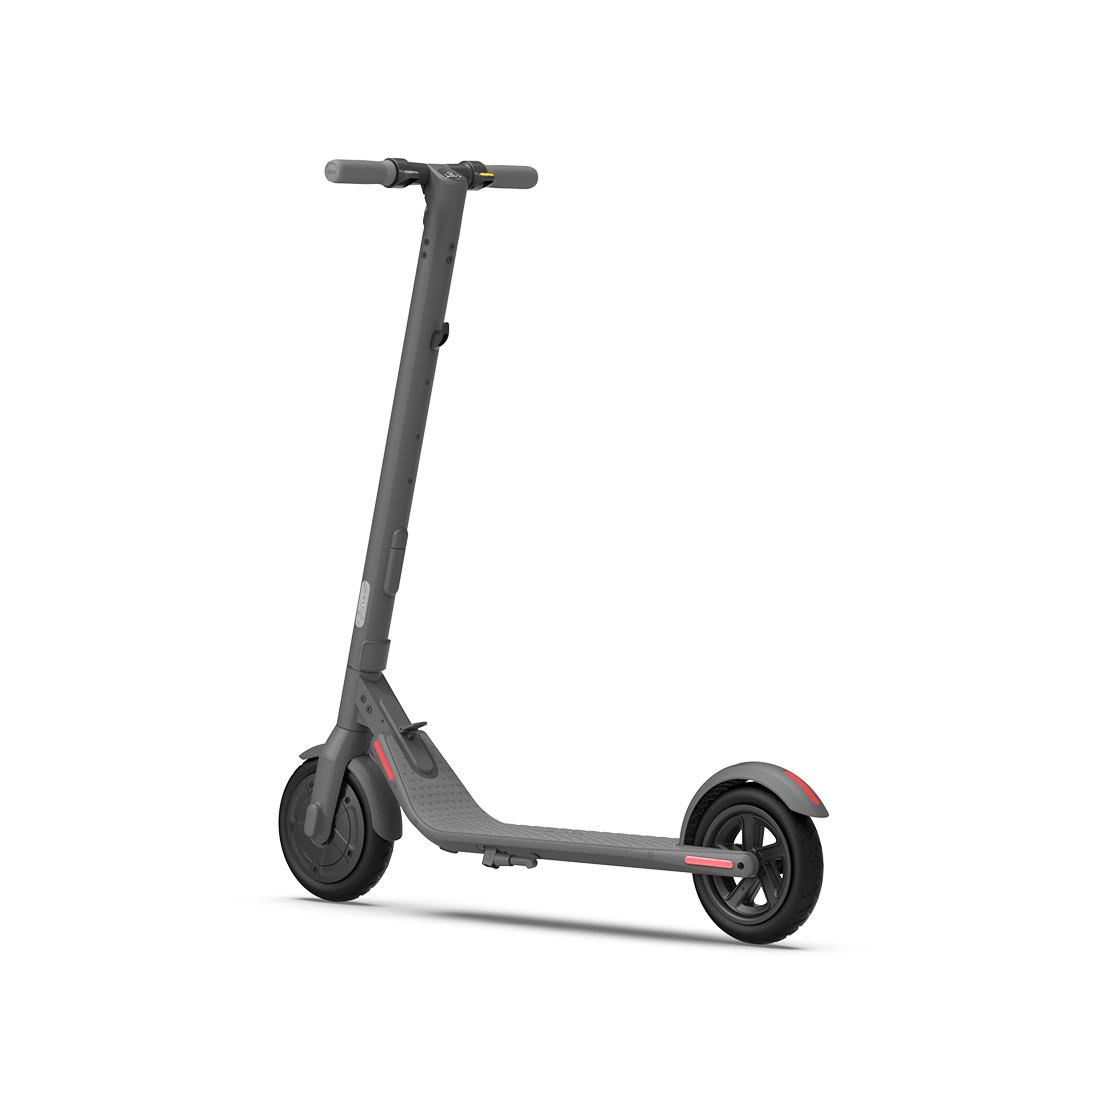 Электросамокат Ninebot KickScooter E22 (Gray) - фото 2